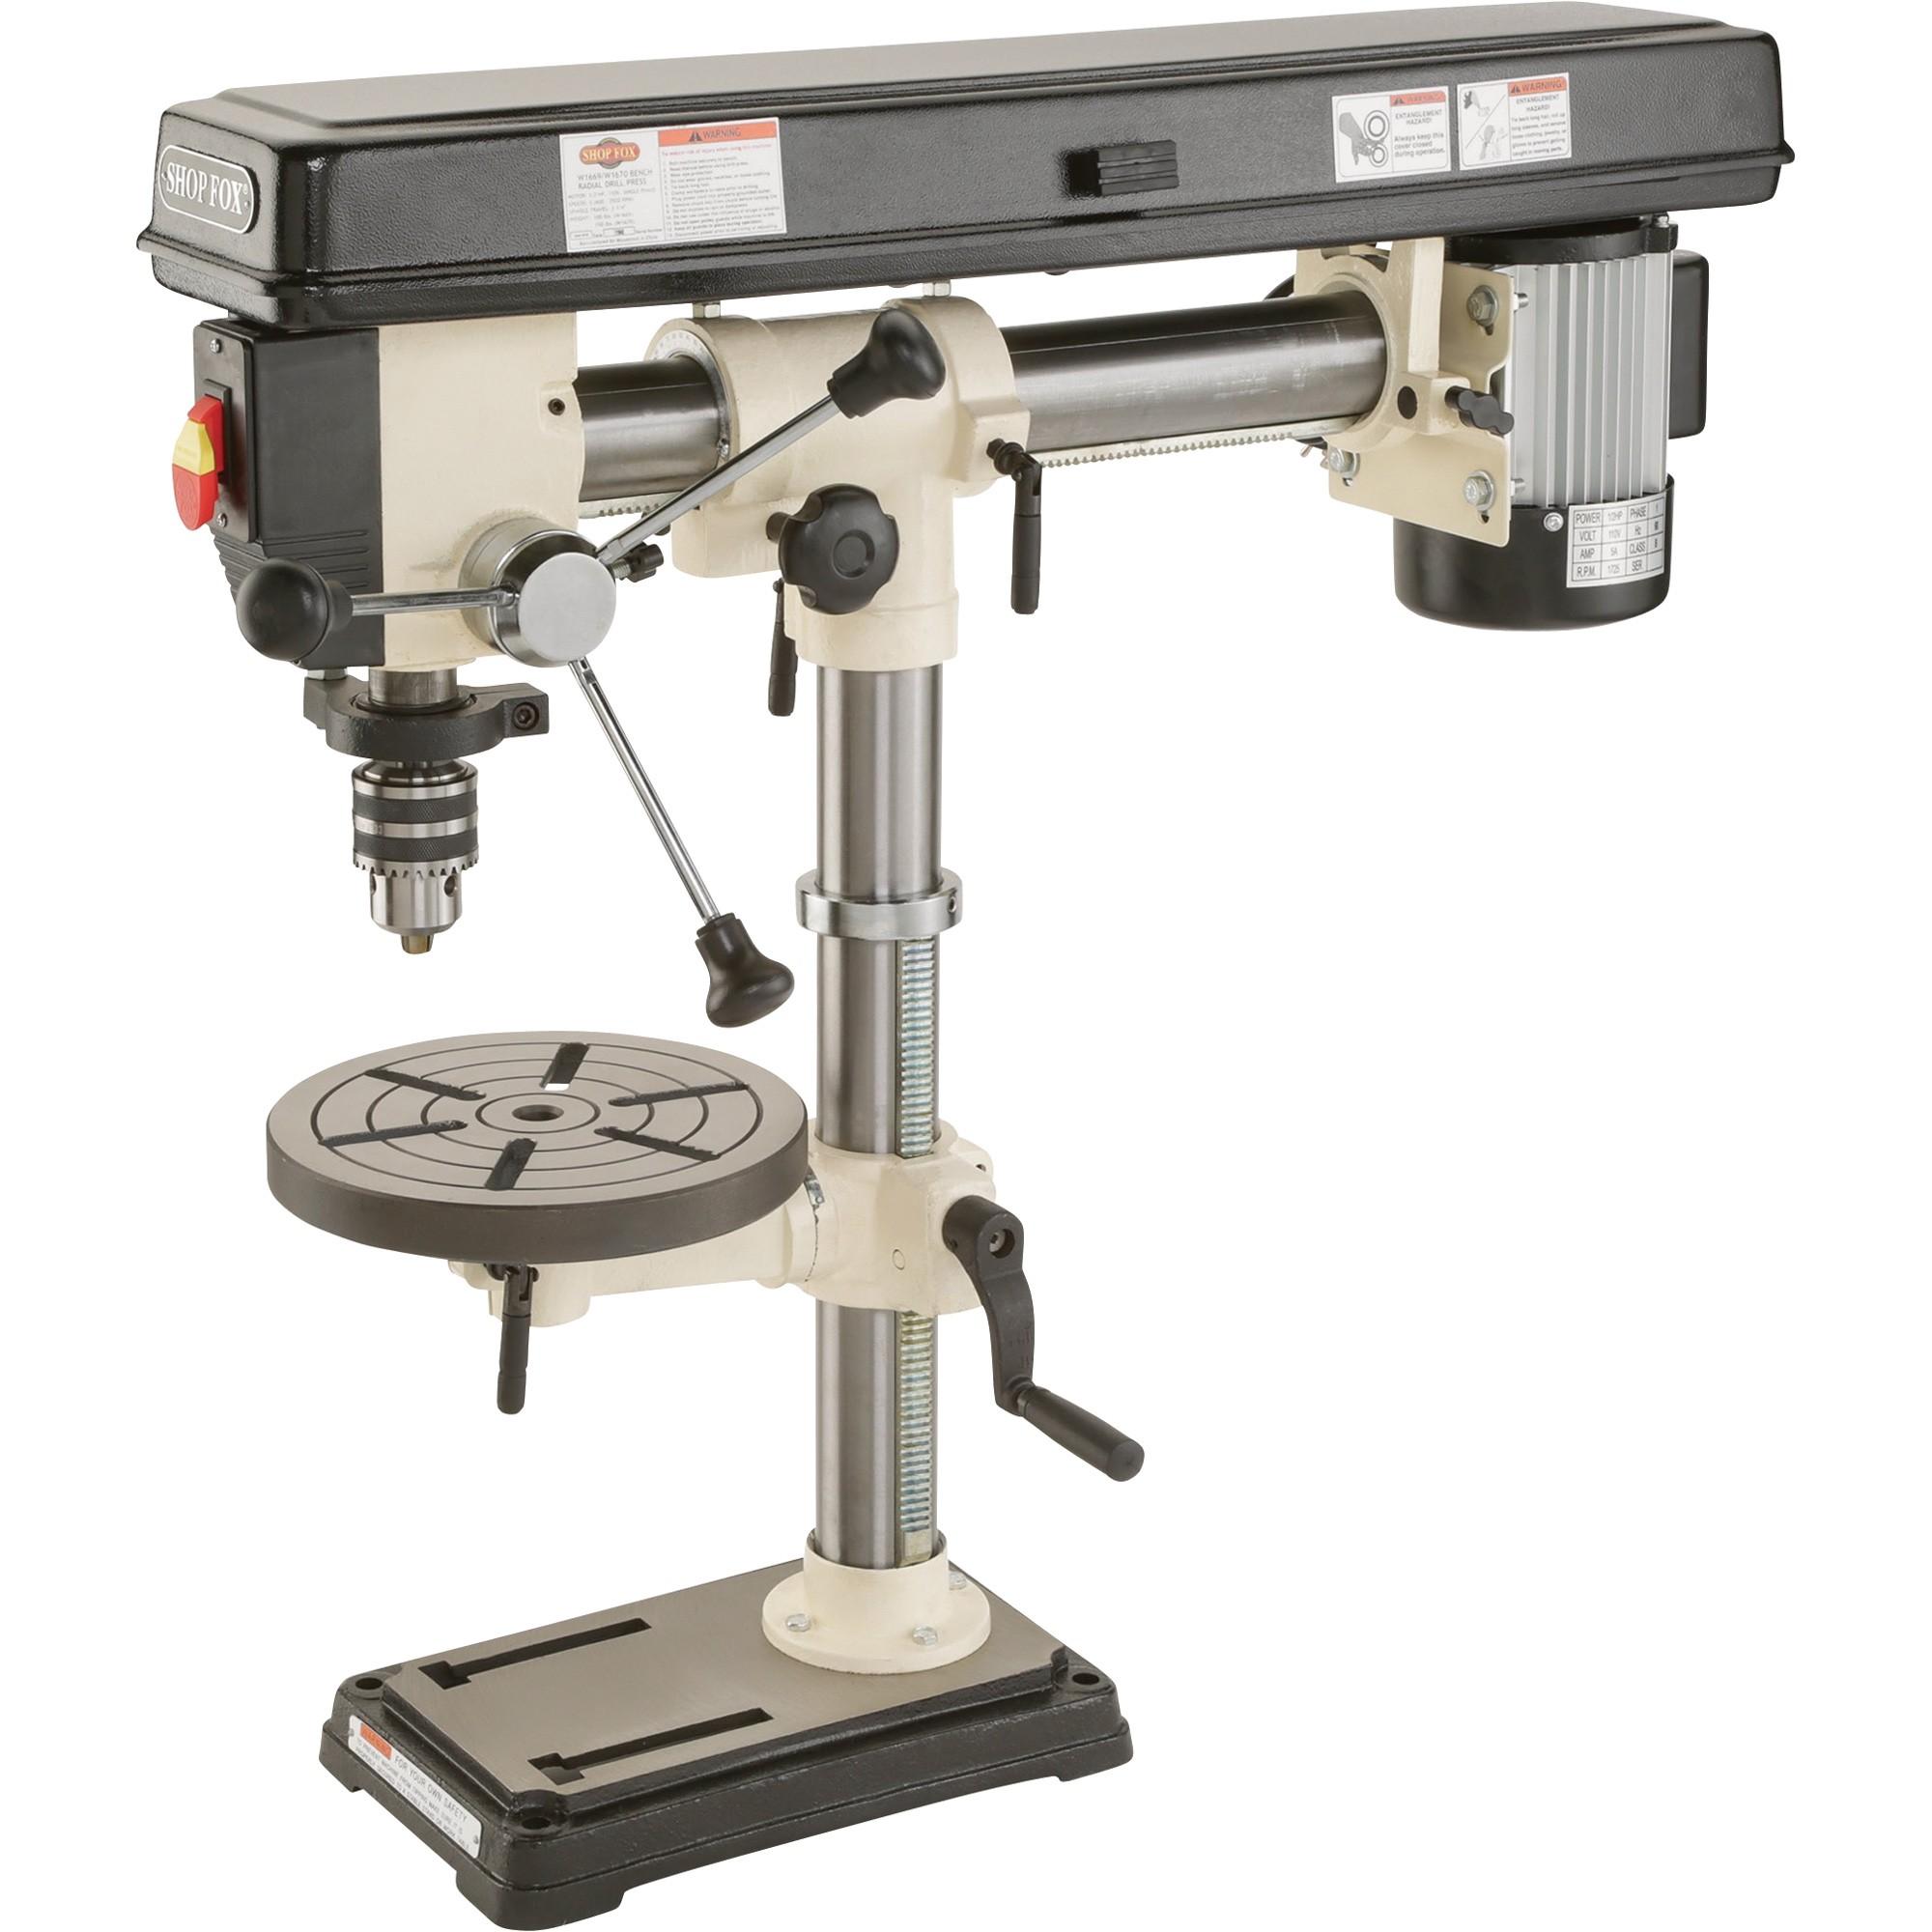 Klutch drill press